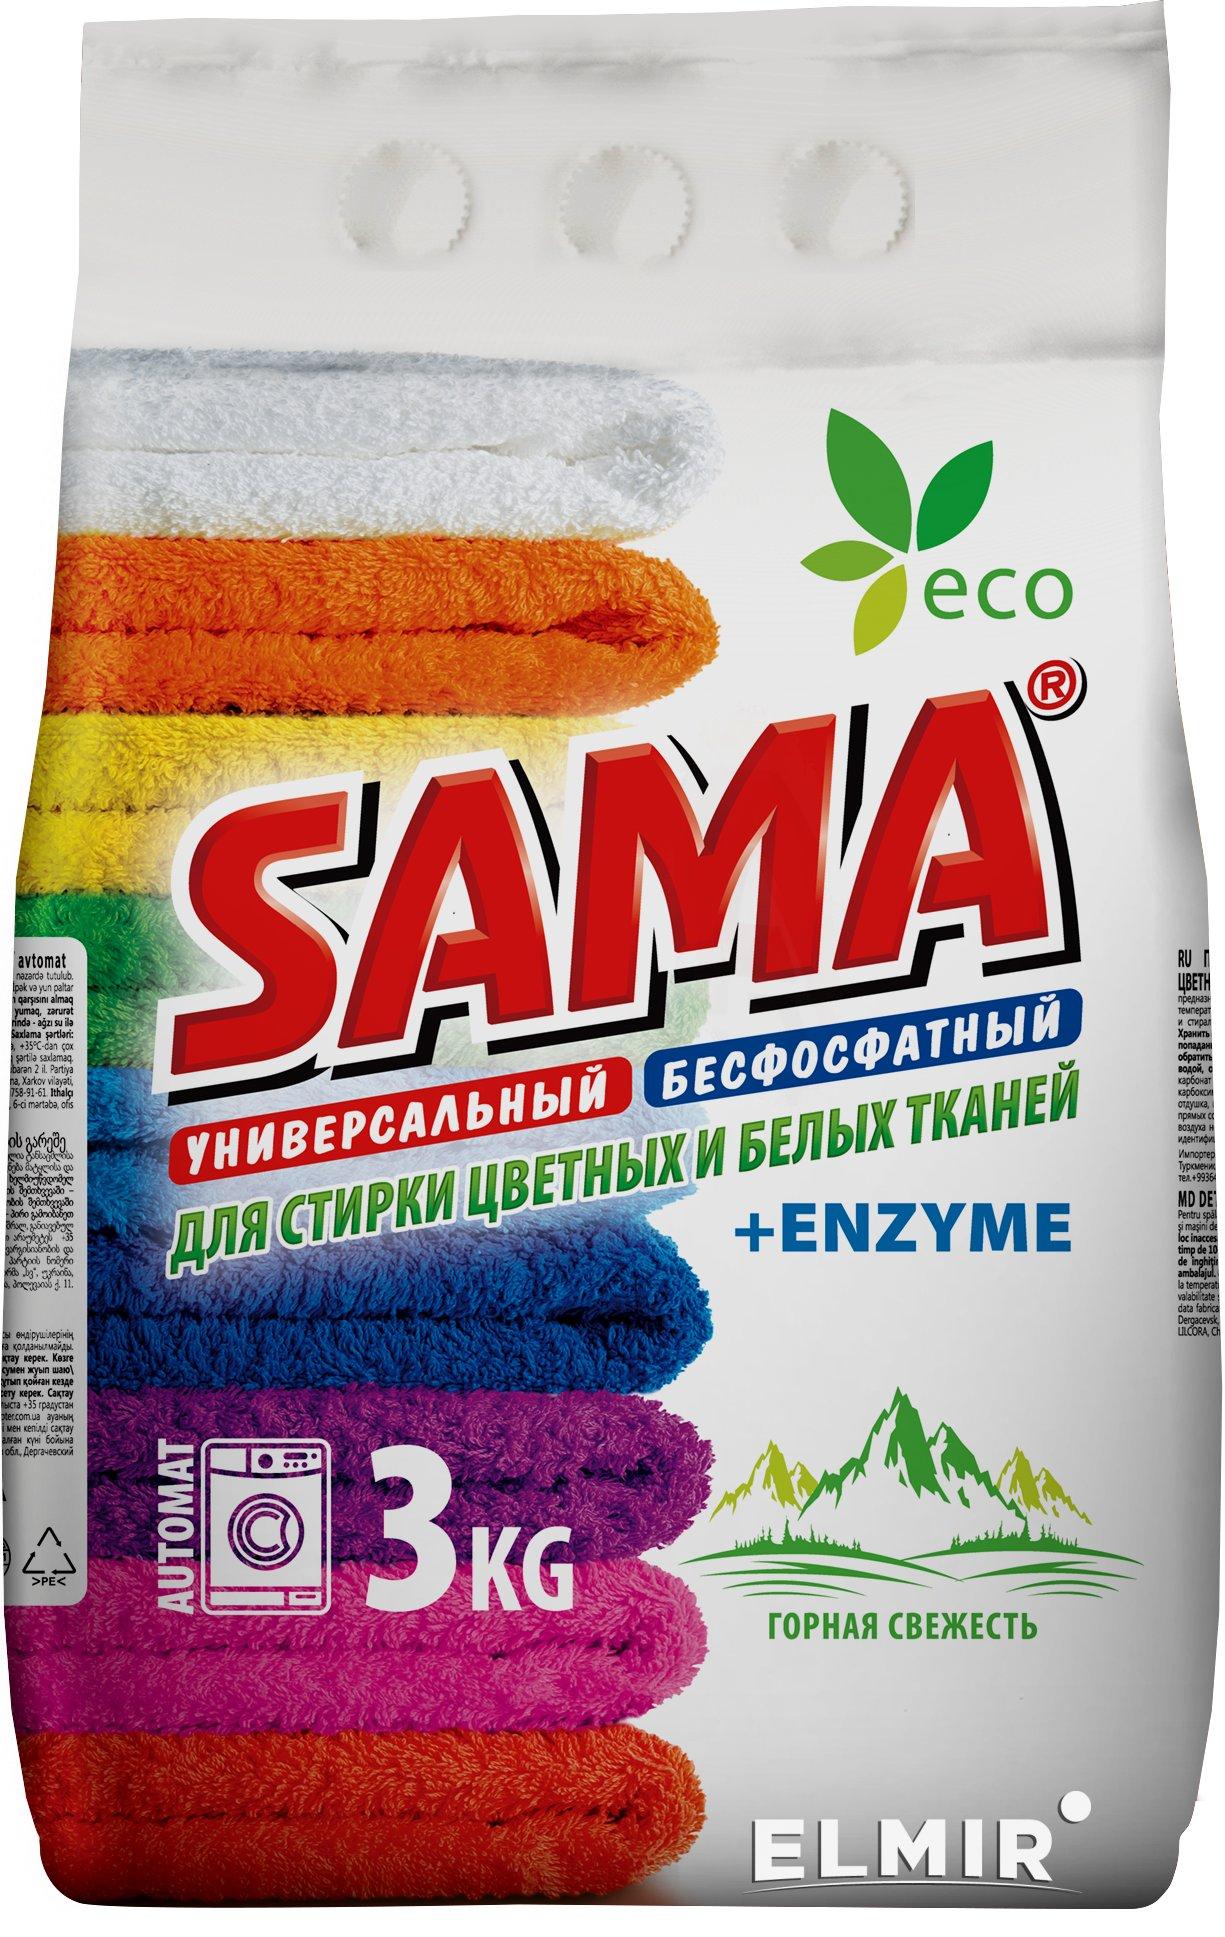 Стиральный порошок SAMA бесфосфатный автомат Горная свежесть 3 кг